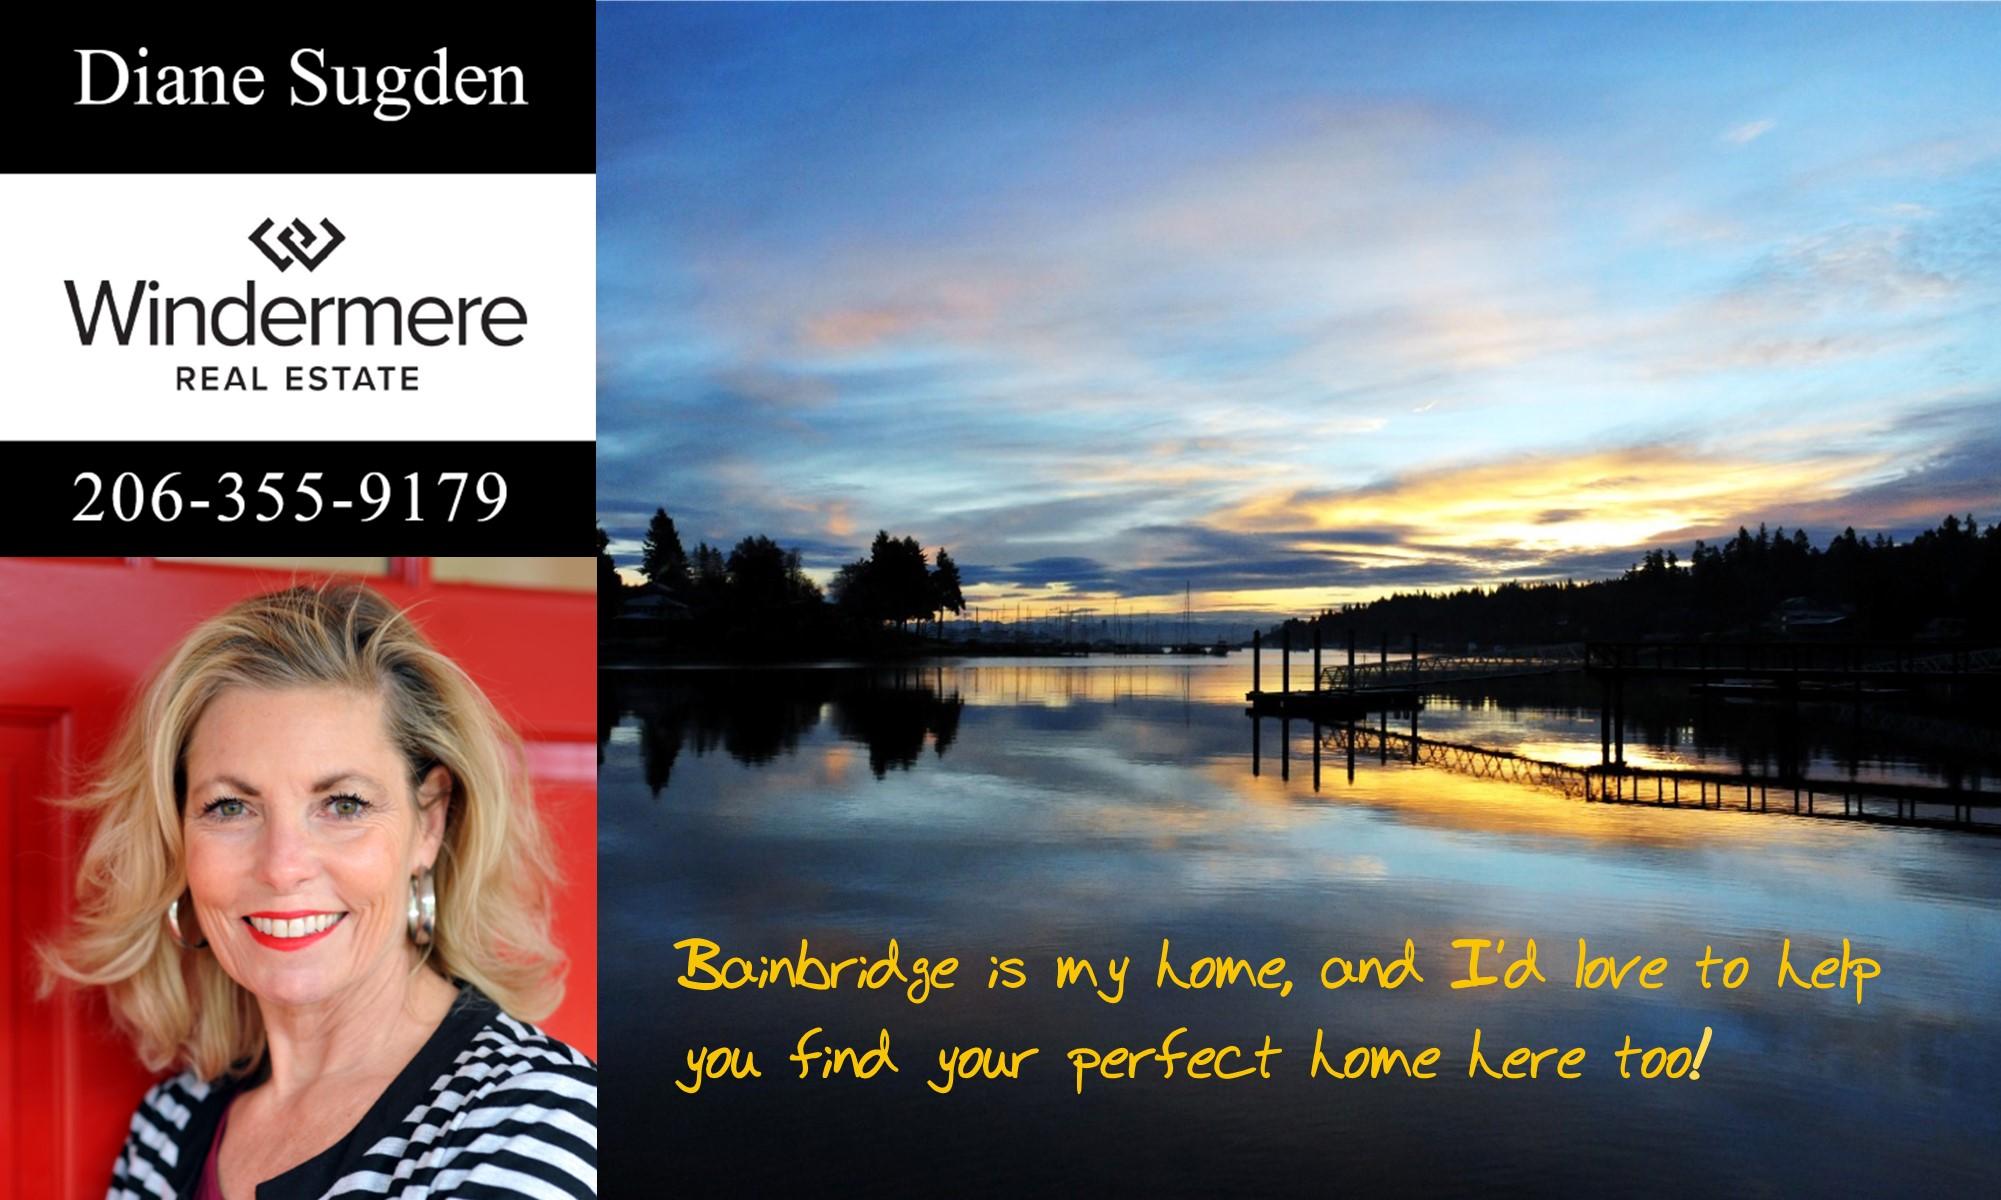 Diane Sugden Windermere Real Estate ad